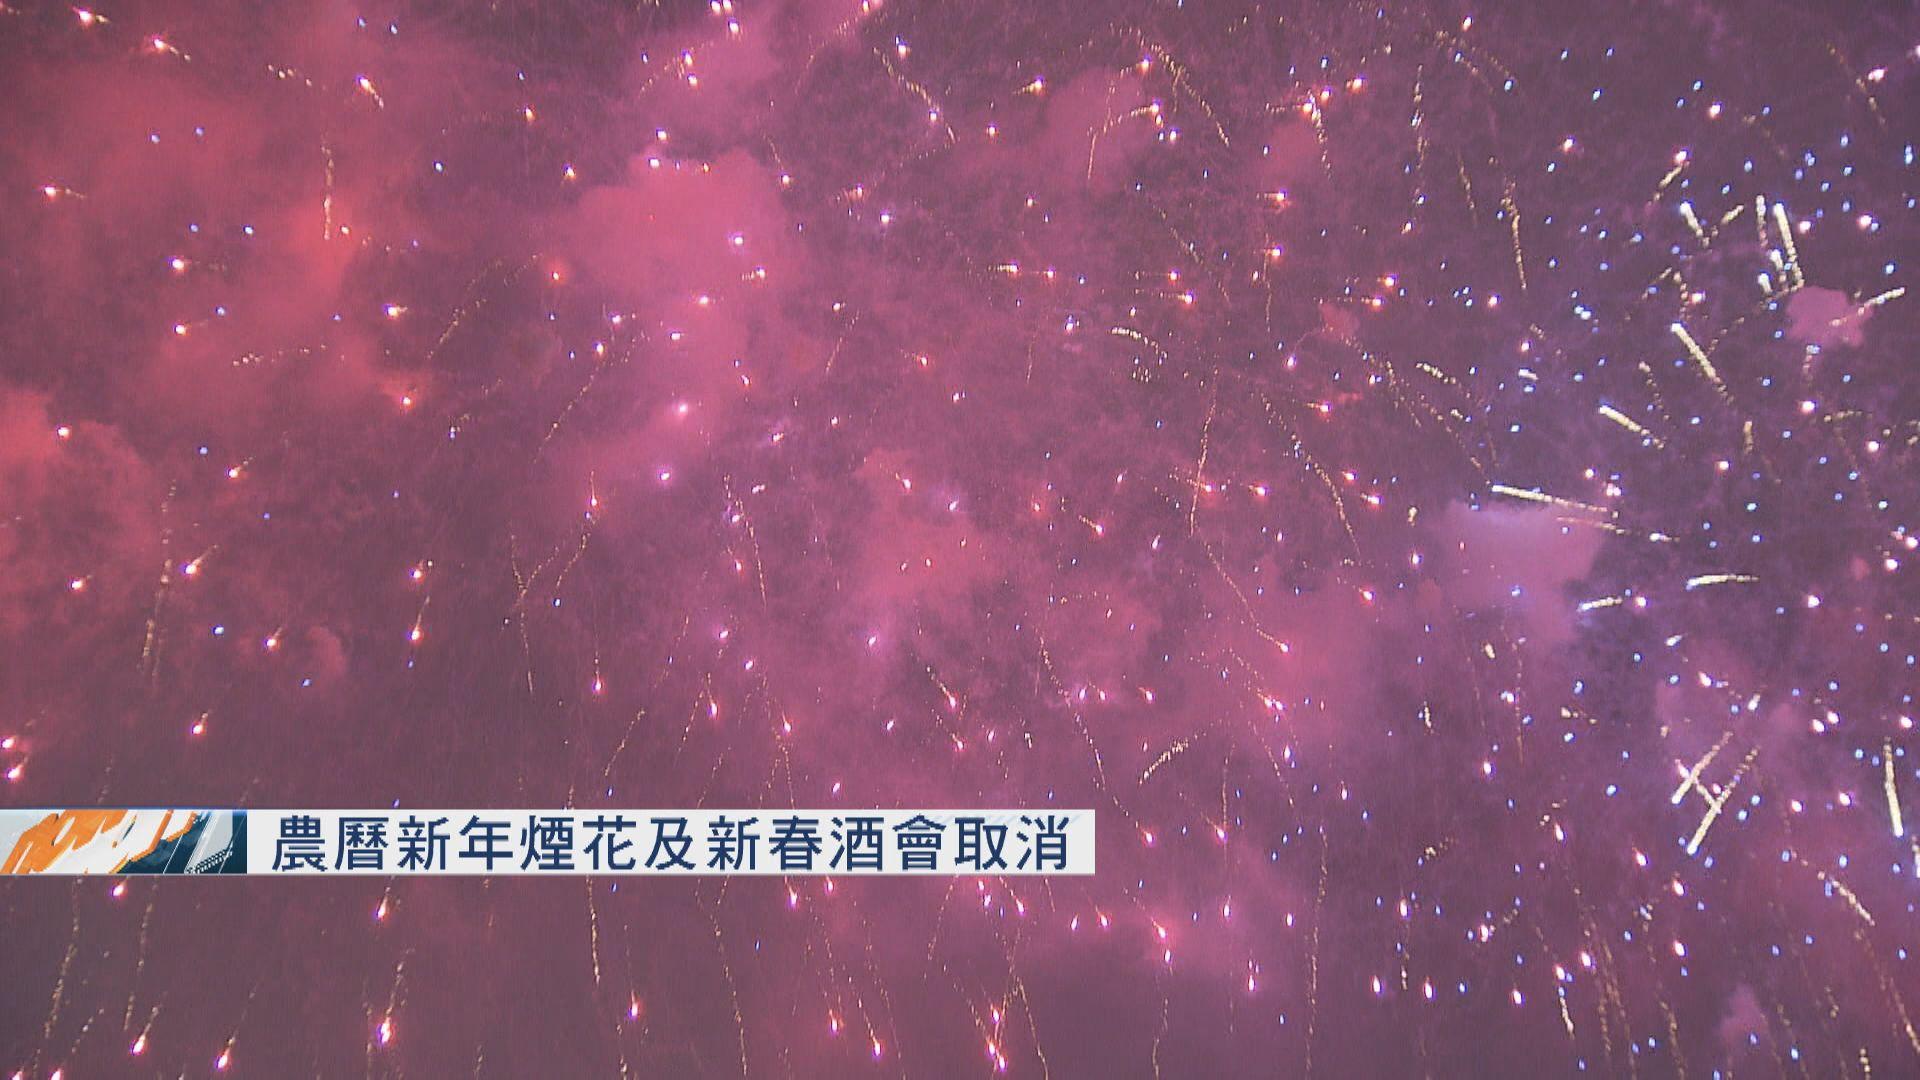 政府取消農曆新年煙花匯演及元宵綵燈會